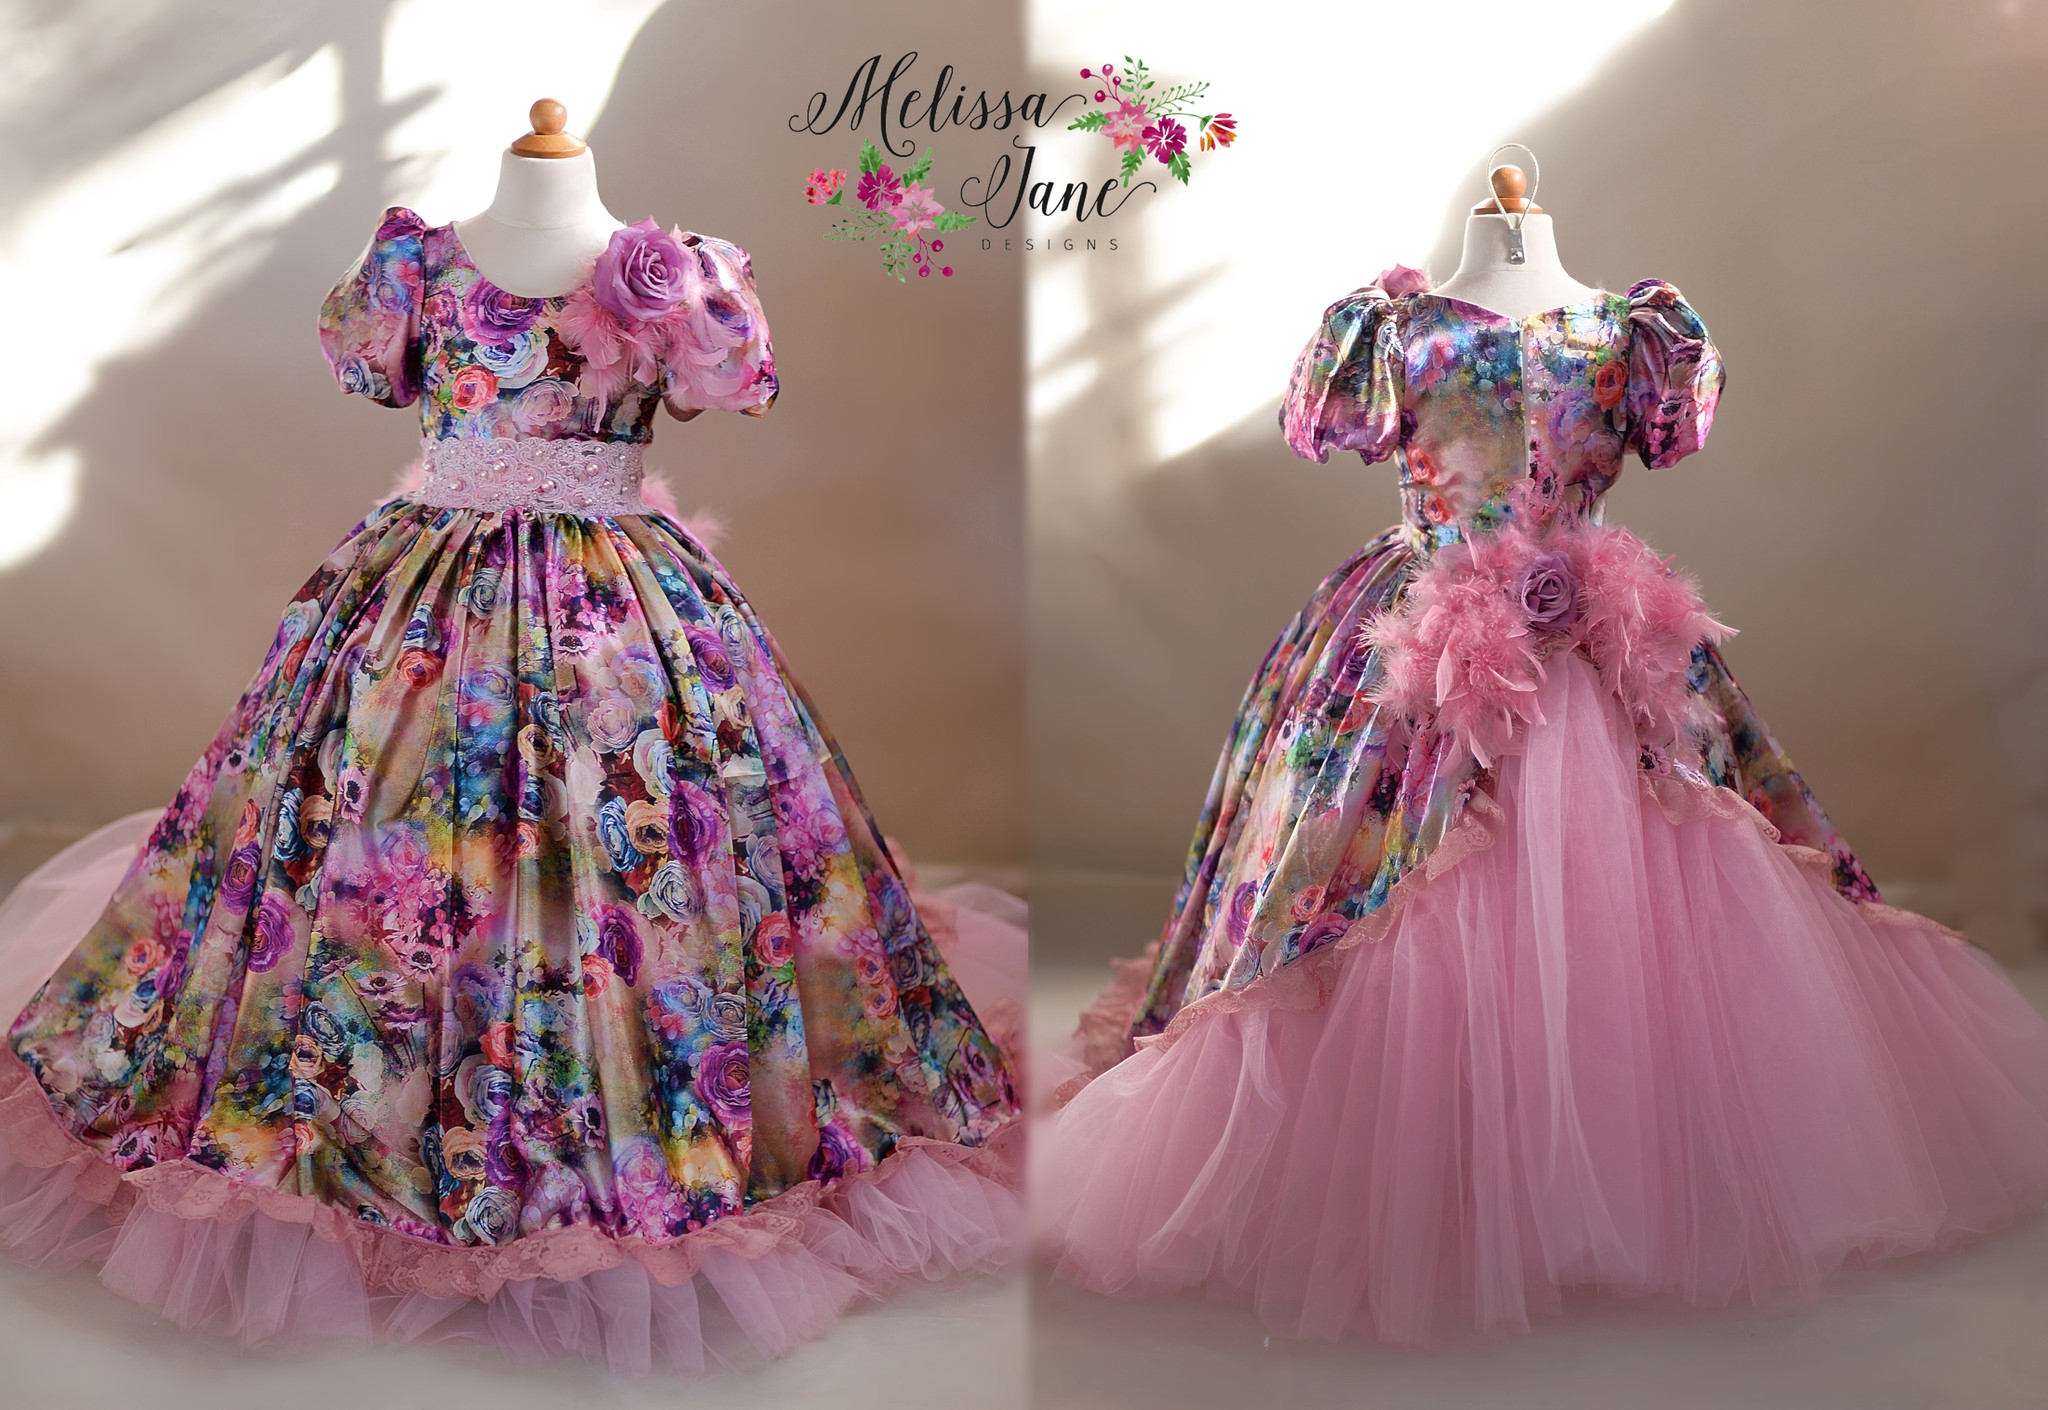 後姿華やかな花のドレス「Back Bustle Floral Couture Girls Dress」 2歳から12歳